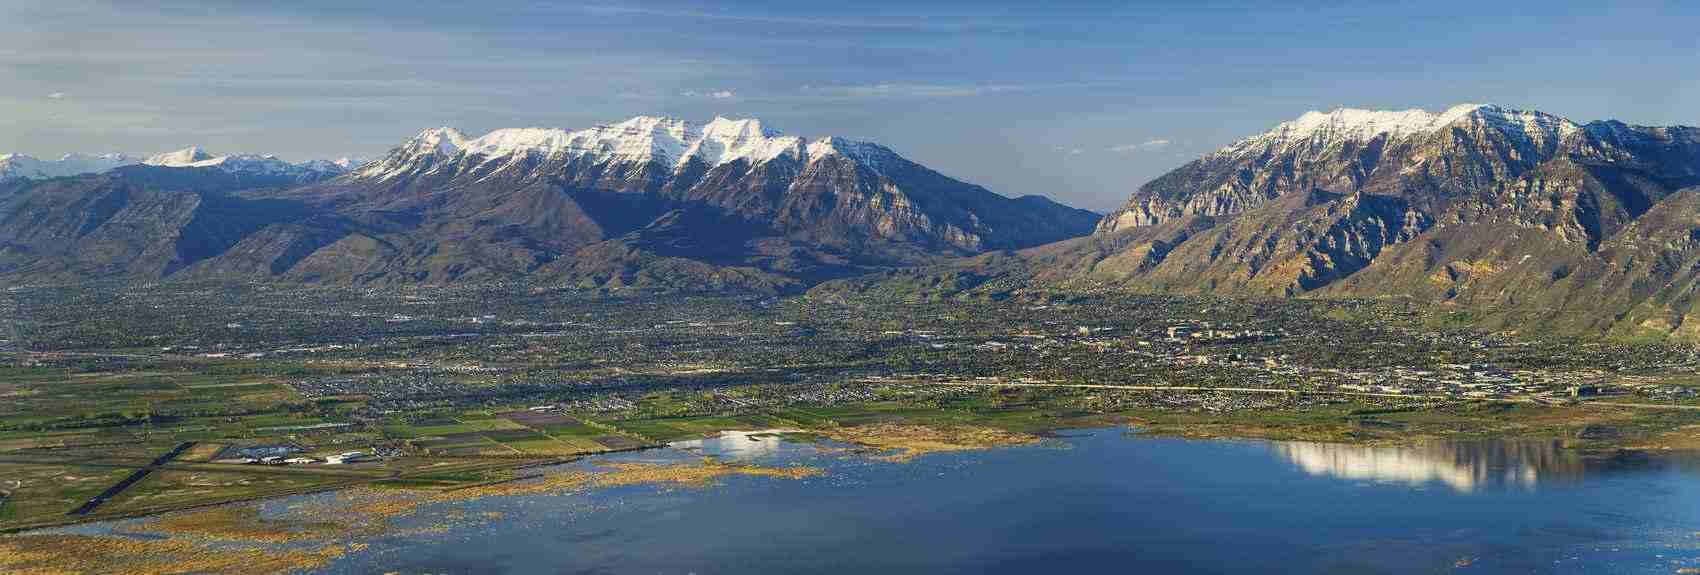 Utah Valley wide view